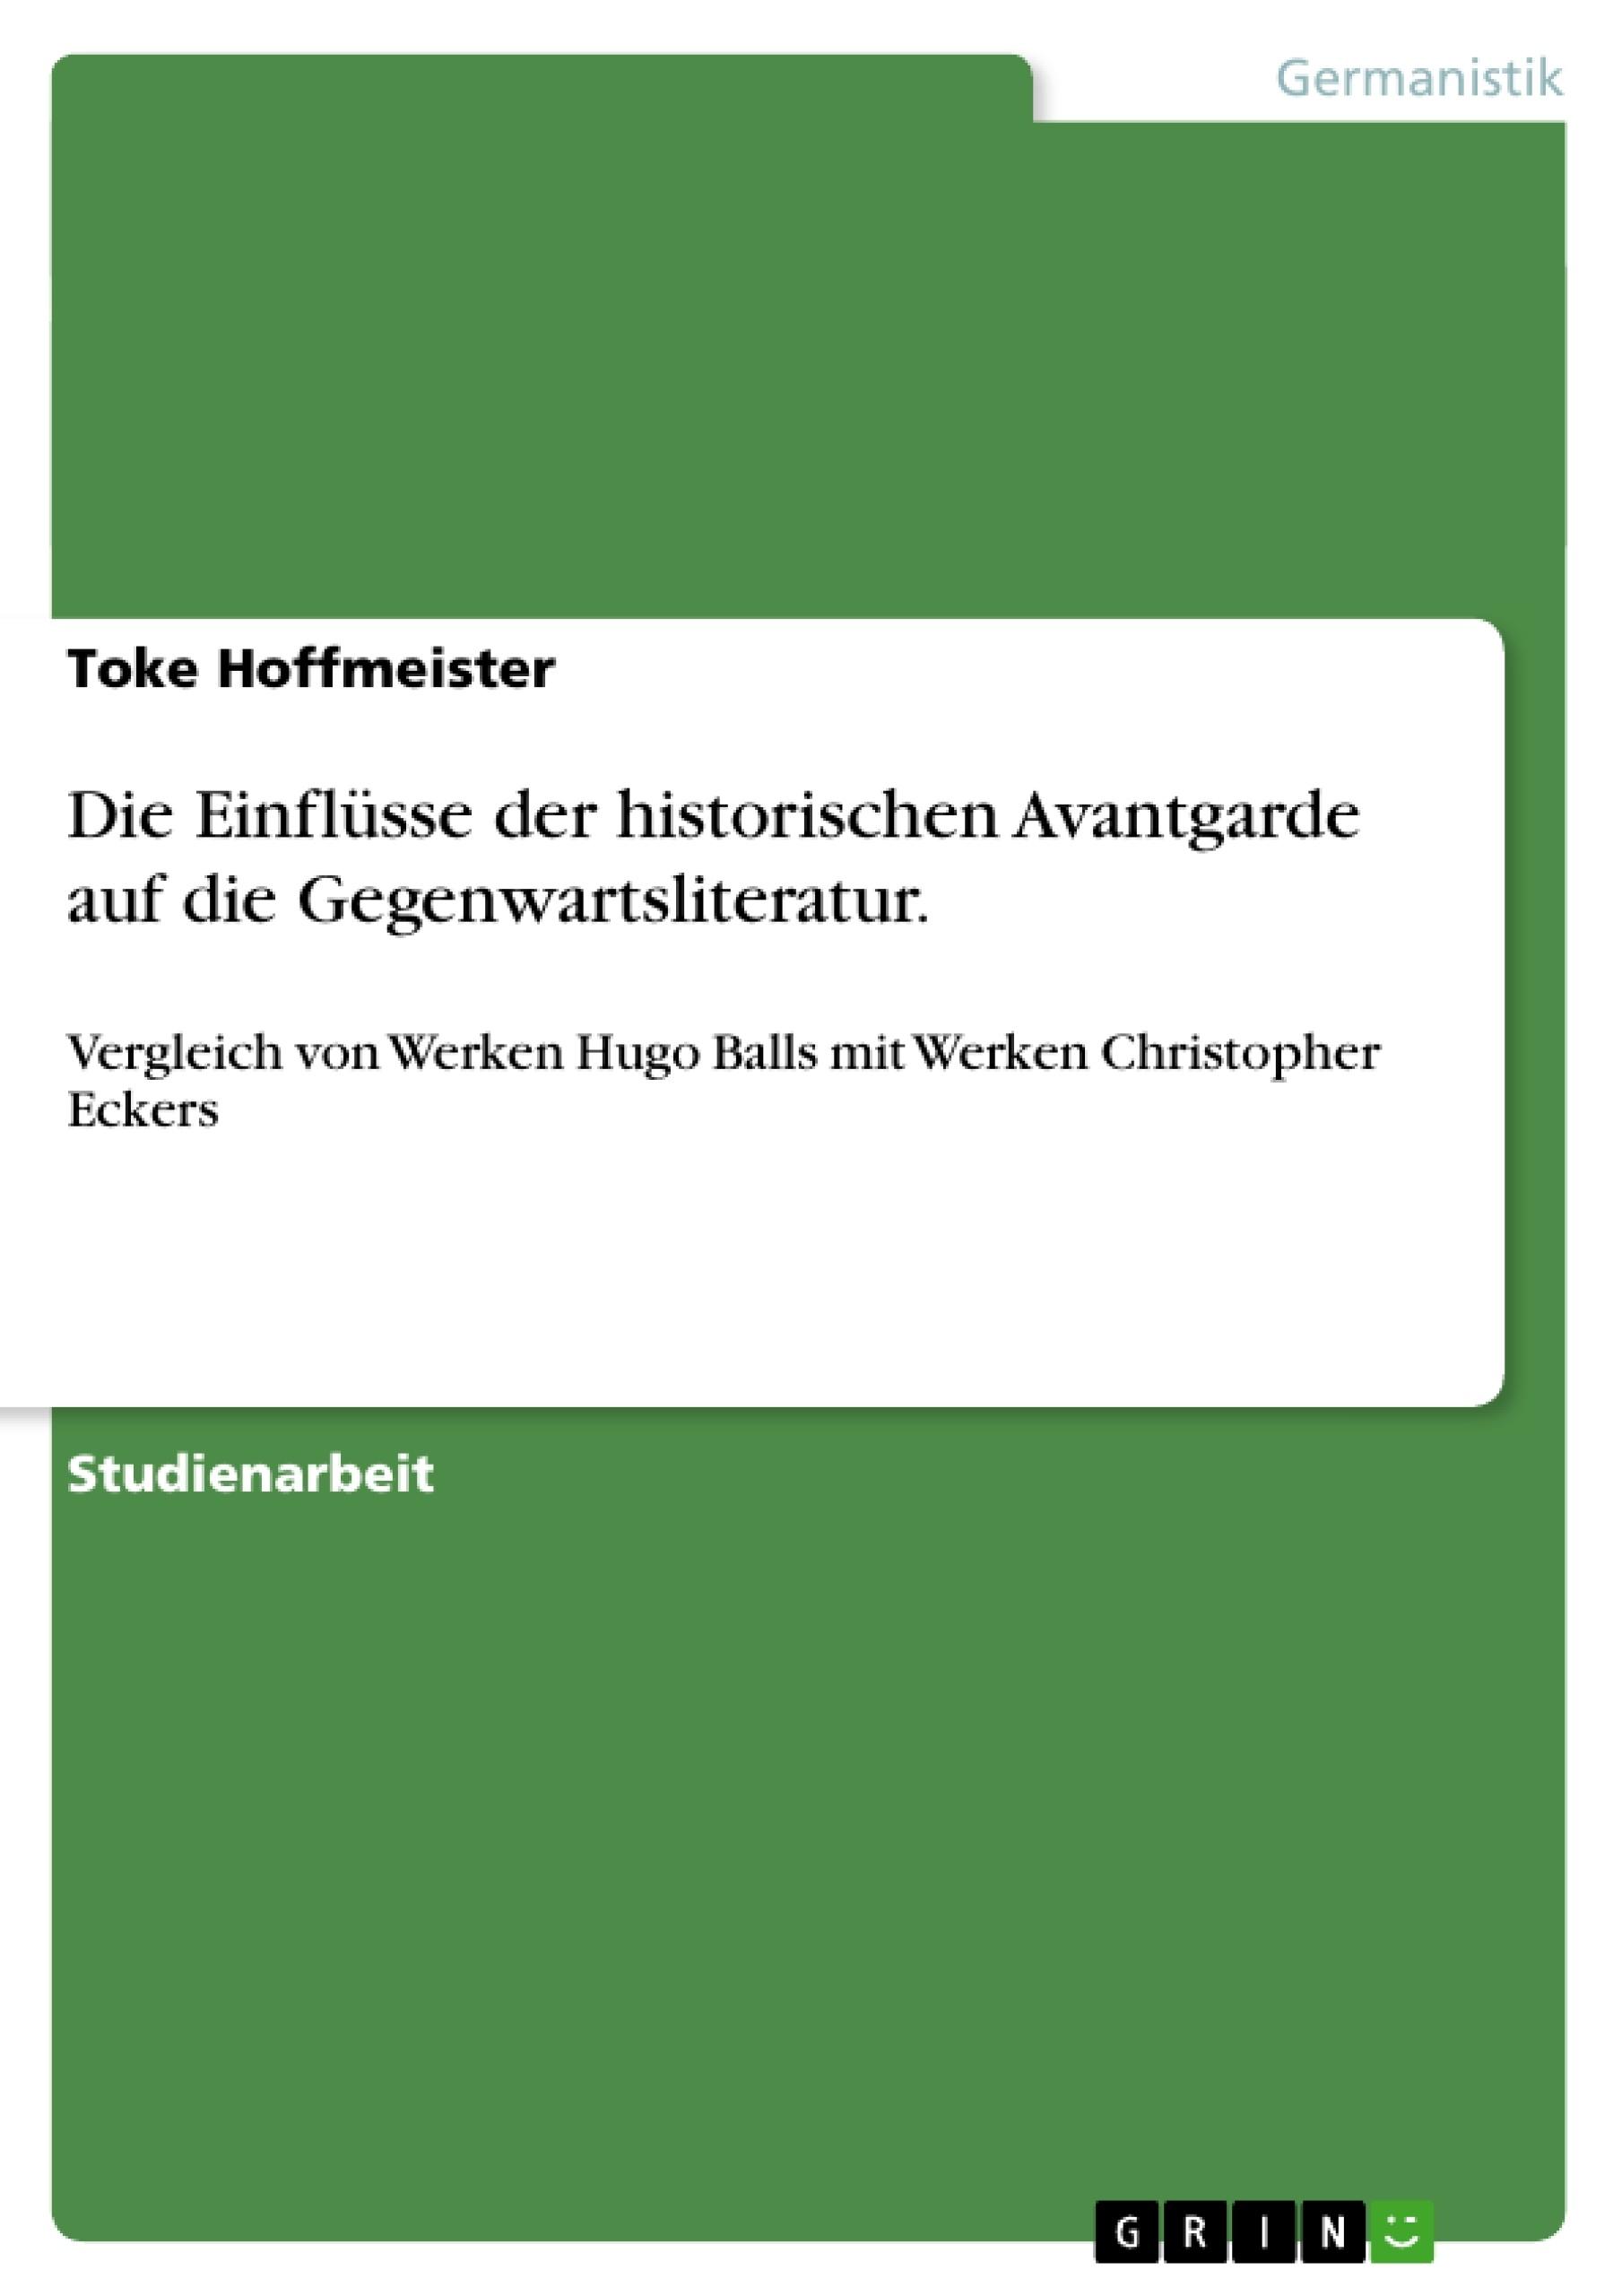 Titel: Die Einflüsse der historischen Avantgarde auf die Gegenwartsliteratur.